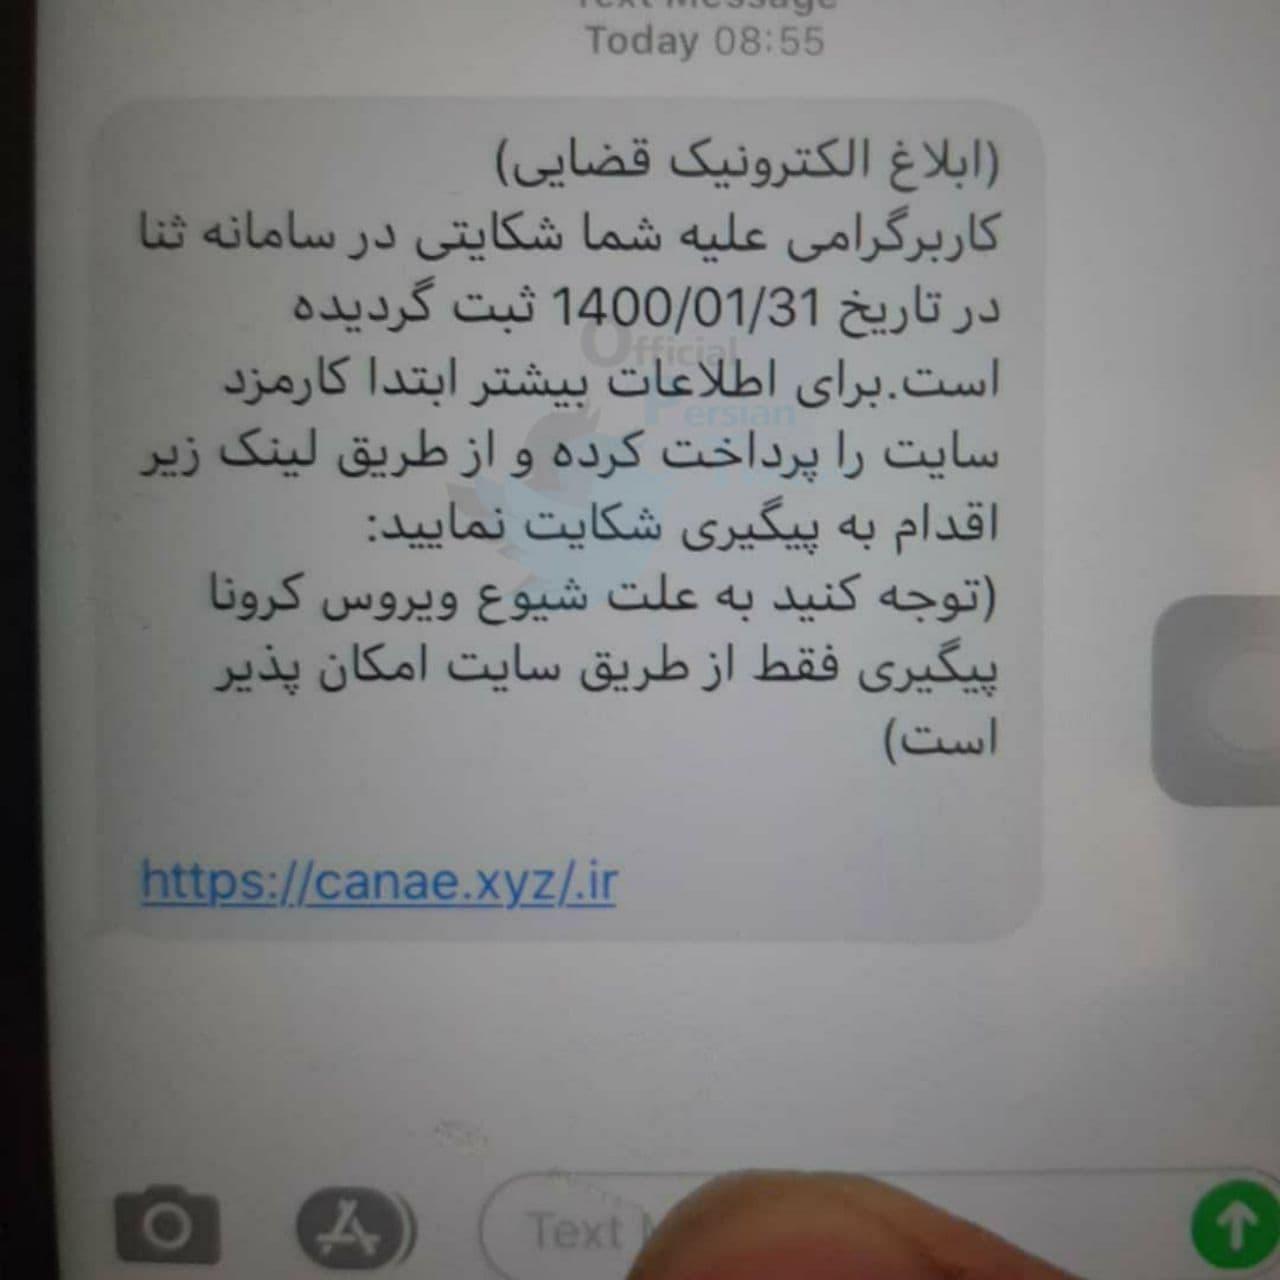 با این پیامک حساب بانکی مردم را خالی میکنند+عکس